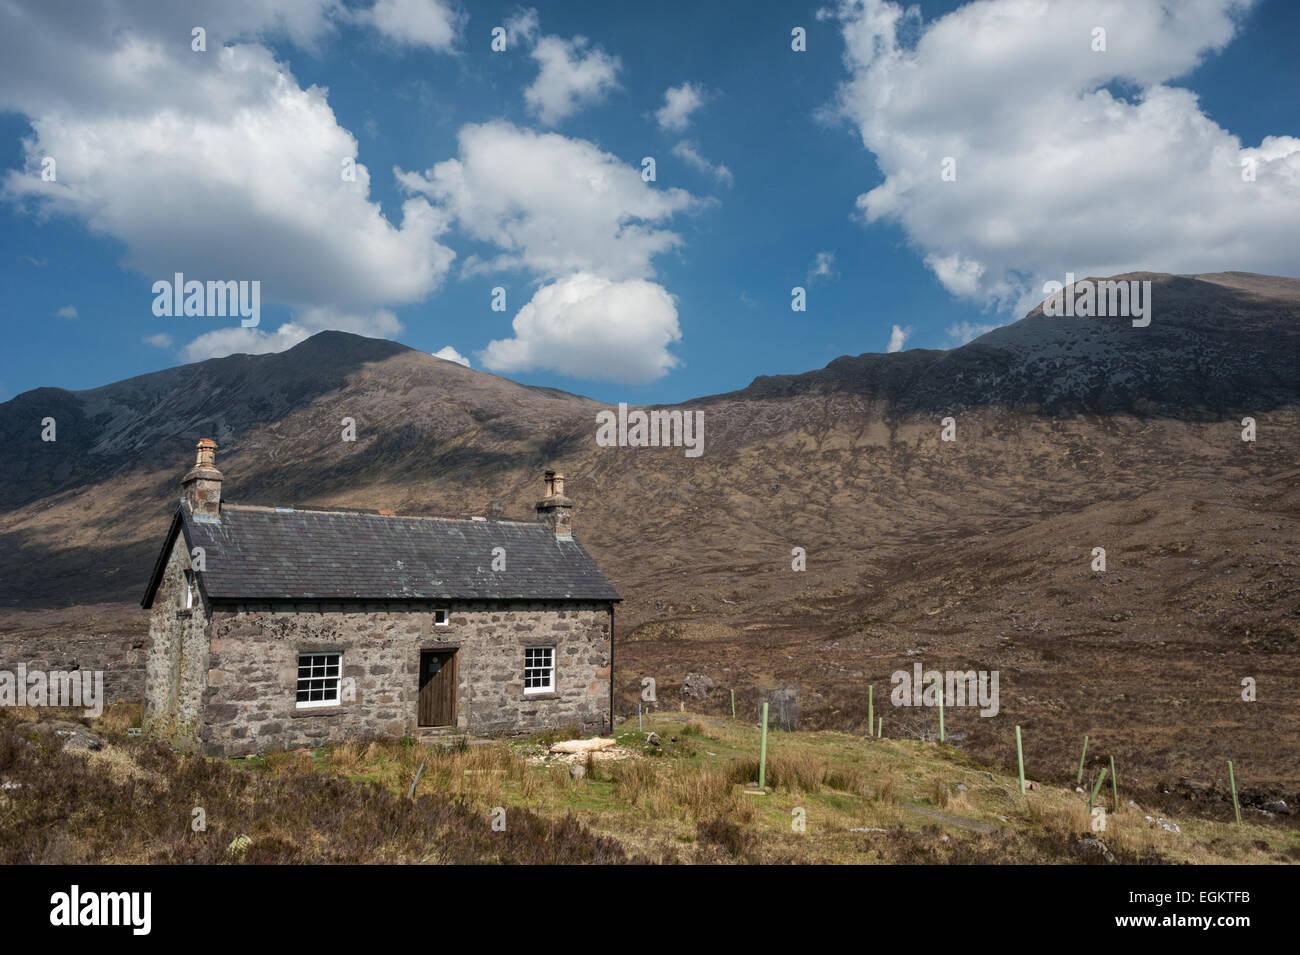 The Coire Fionnarach bothy Fuar Tholl and Sgorr Ruadh - Stock Image